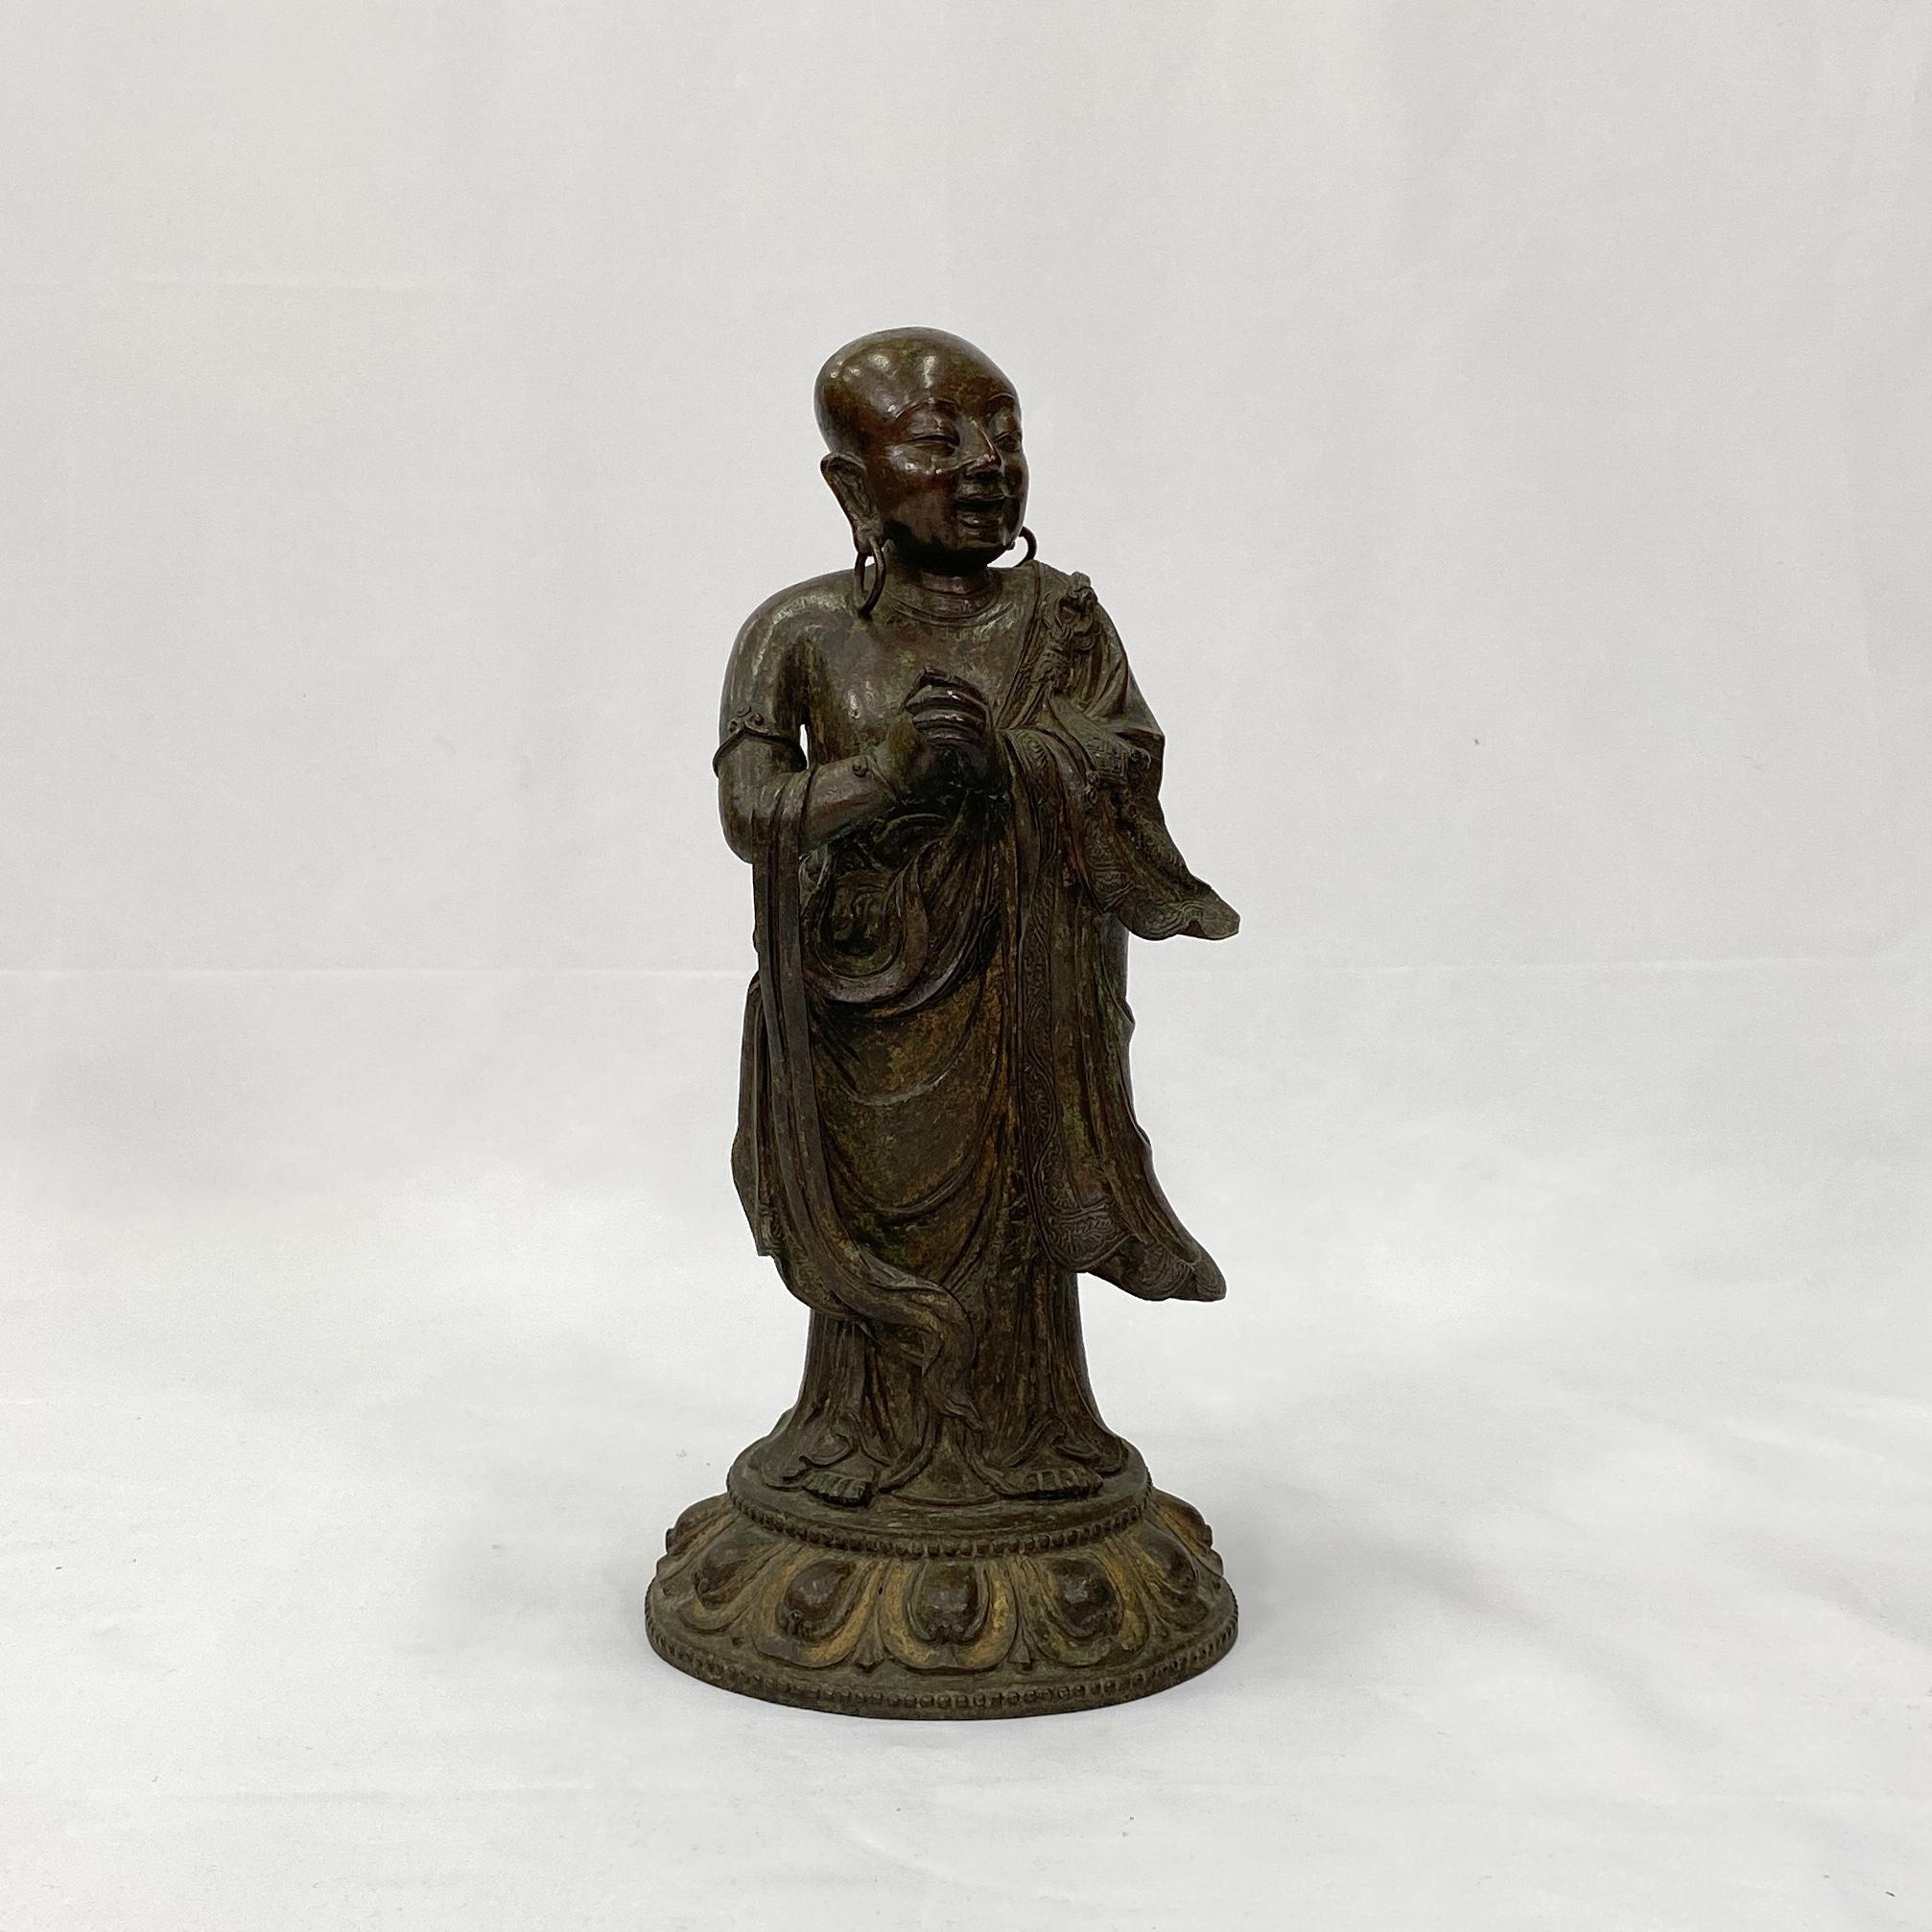 10188明 銅漆金 羅漢立像